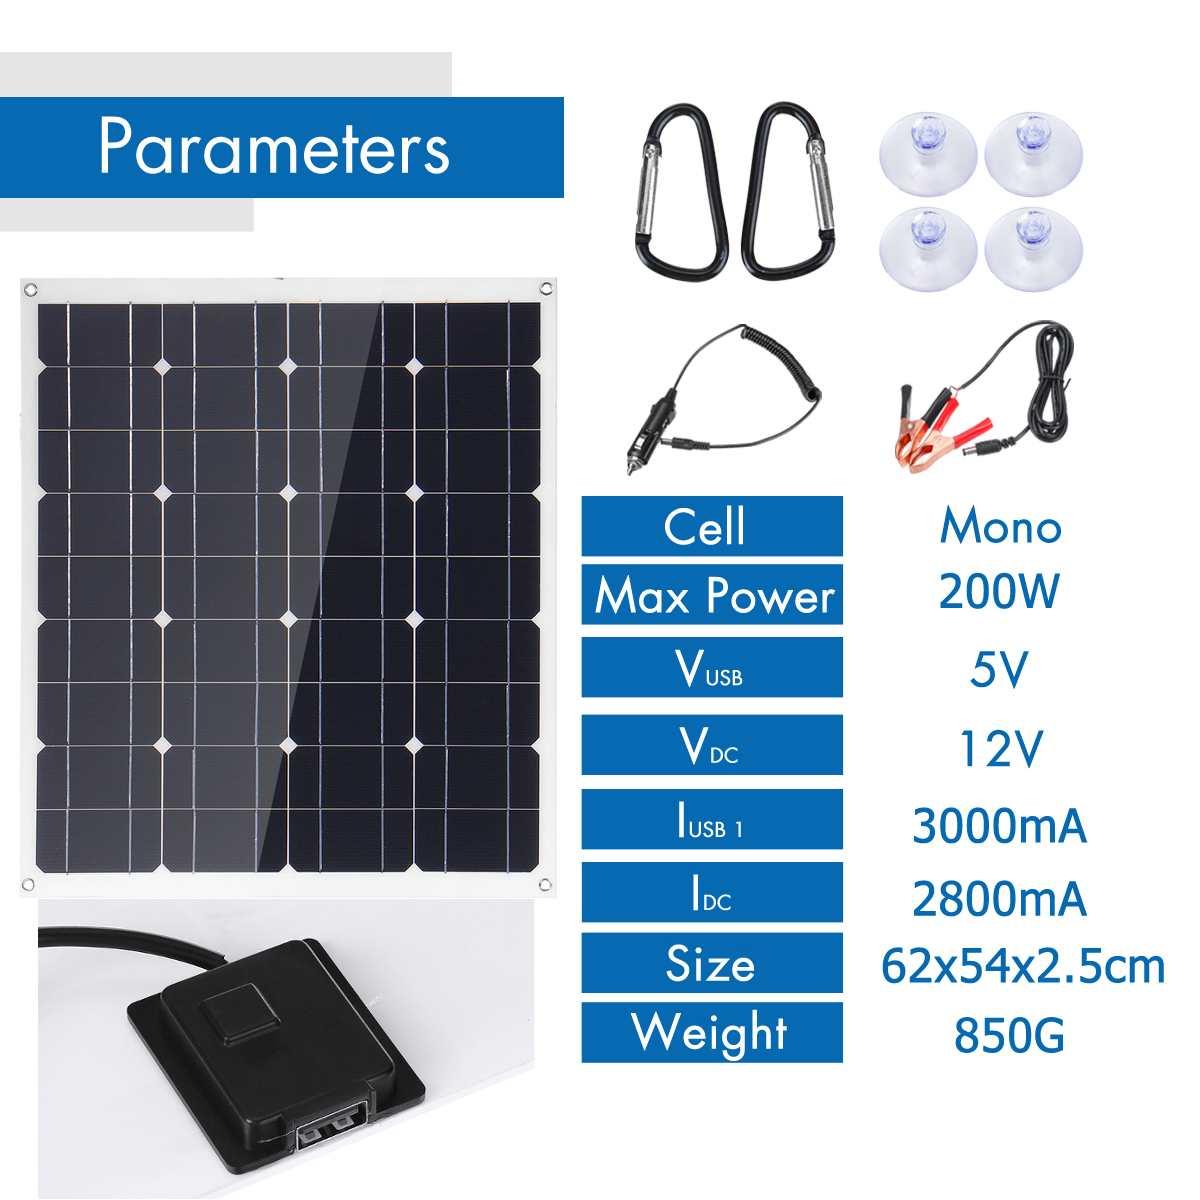 Nouveau silicium monocristallin Flexible du panneau solaire 18V 5V de 200W avec le contrôleur 10/20/30A pour la batterie solaire extérieure - 2